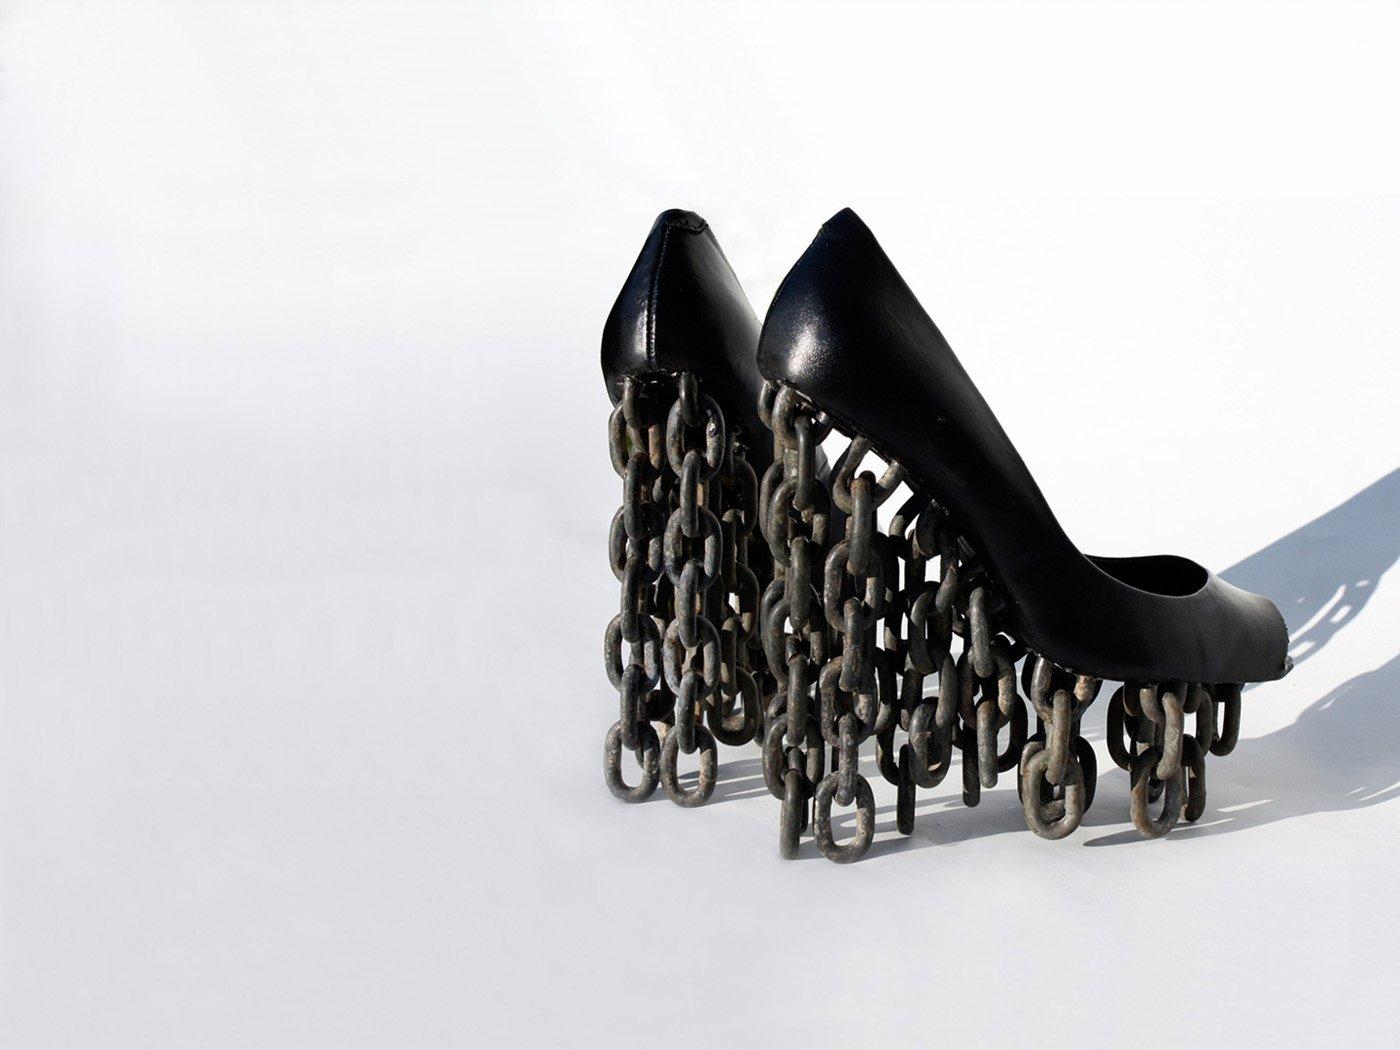 32 Zapatos Mas Raros Y Extranos Que Existen En El Mundo